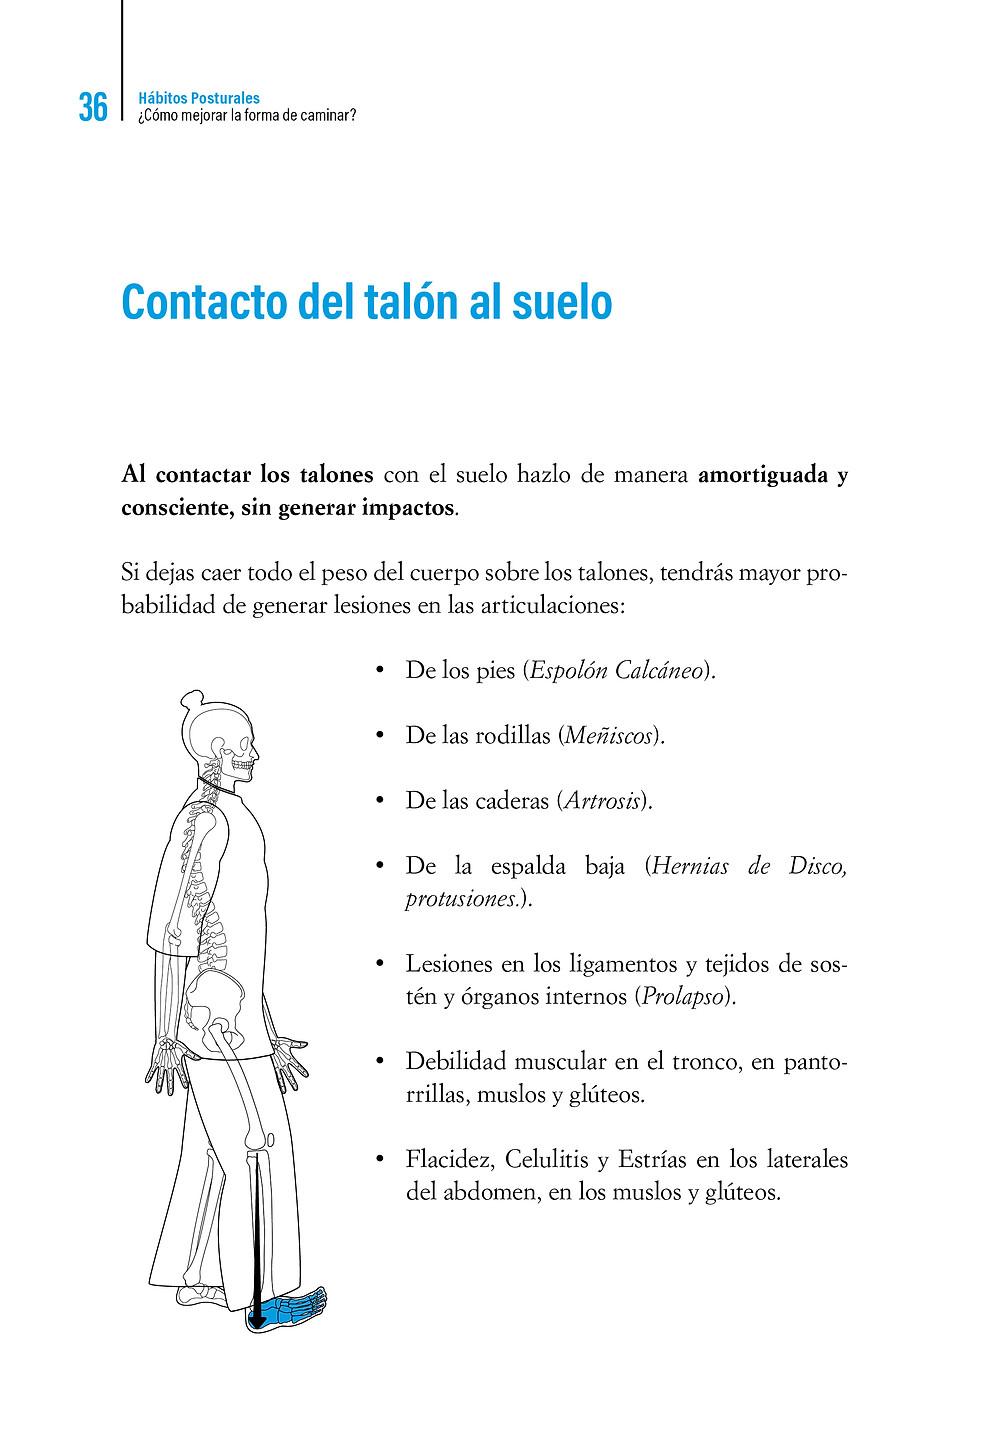   Libro Hábitos Posturales Contacto del talón al suelo